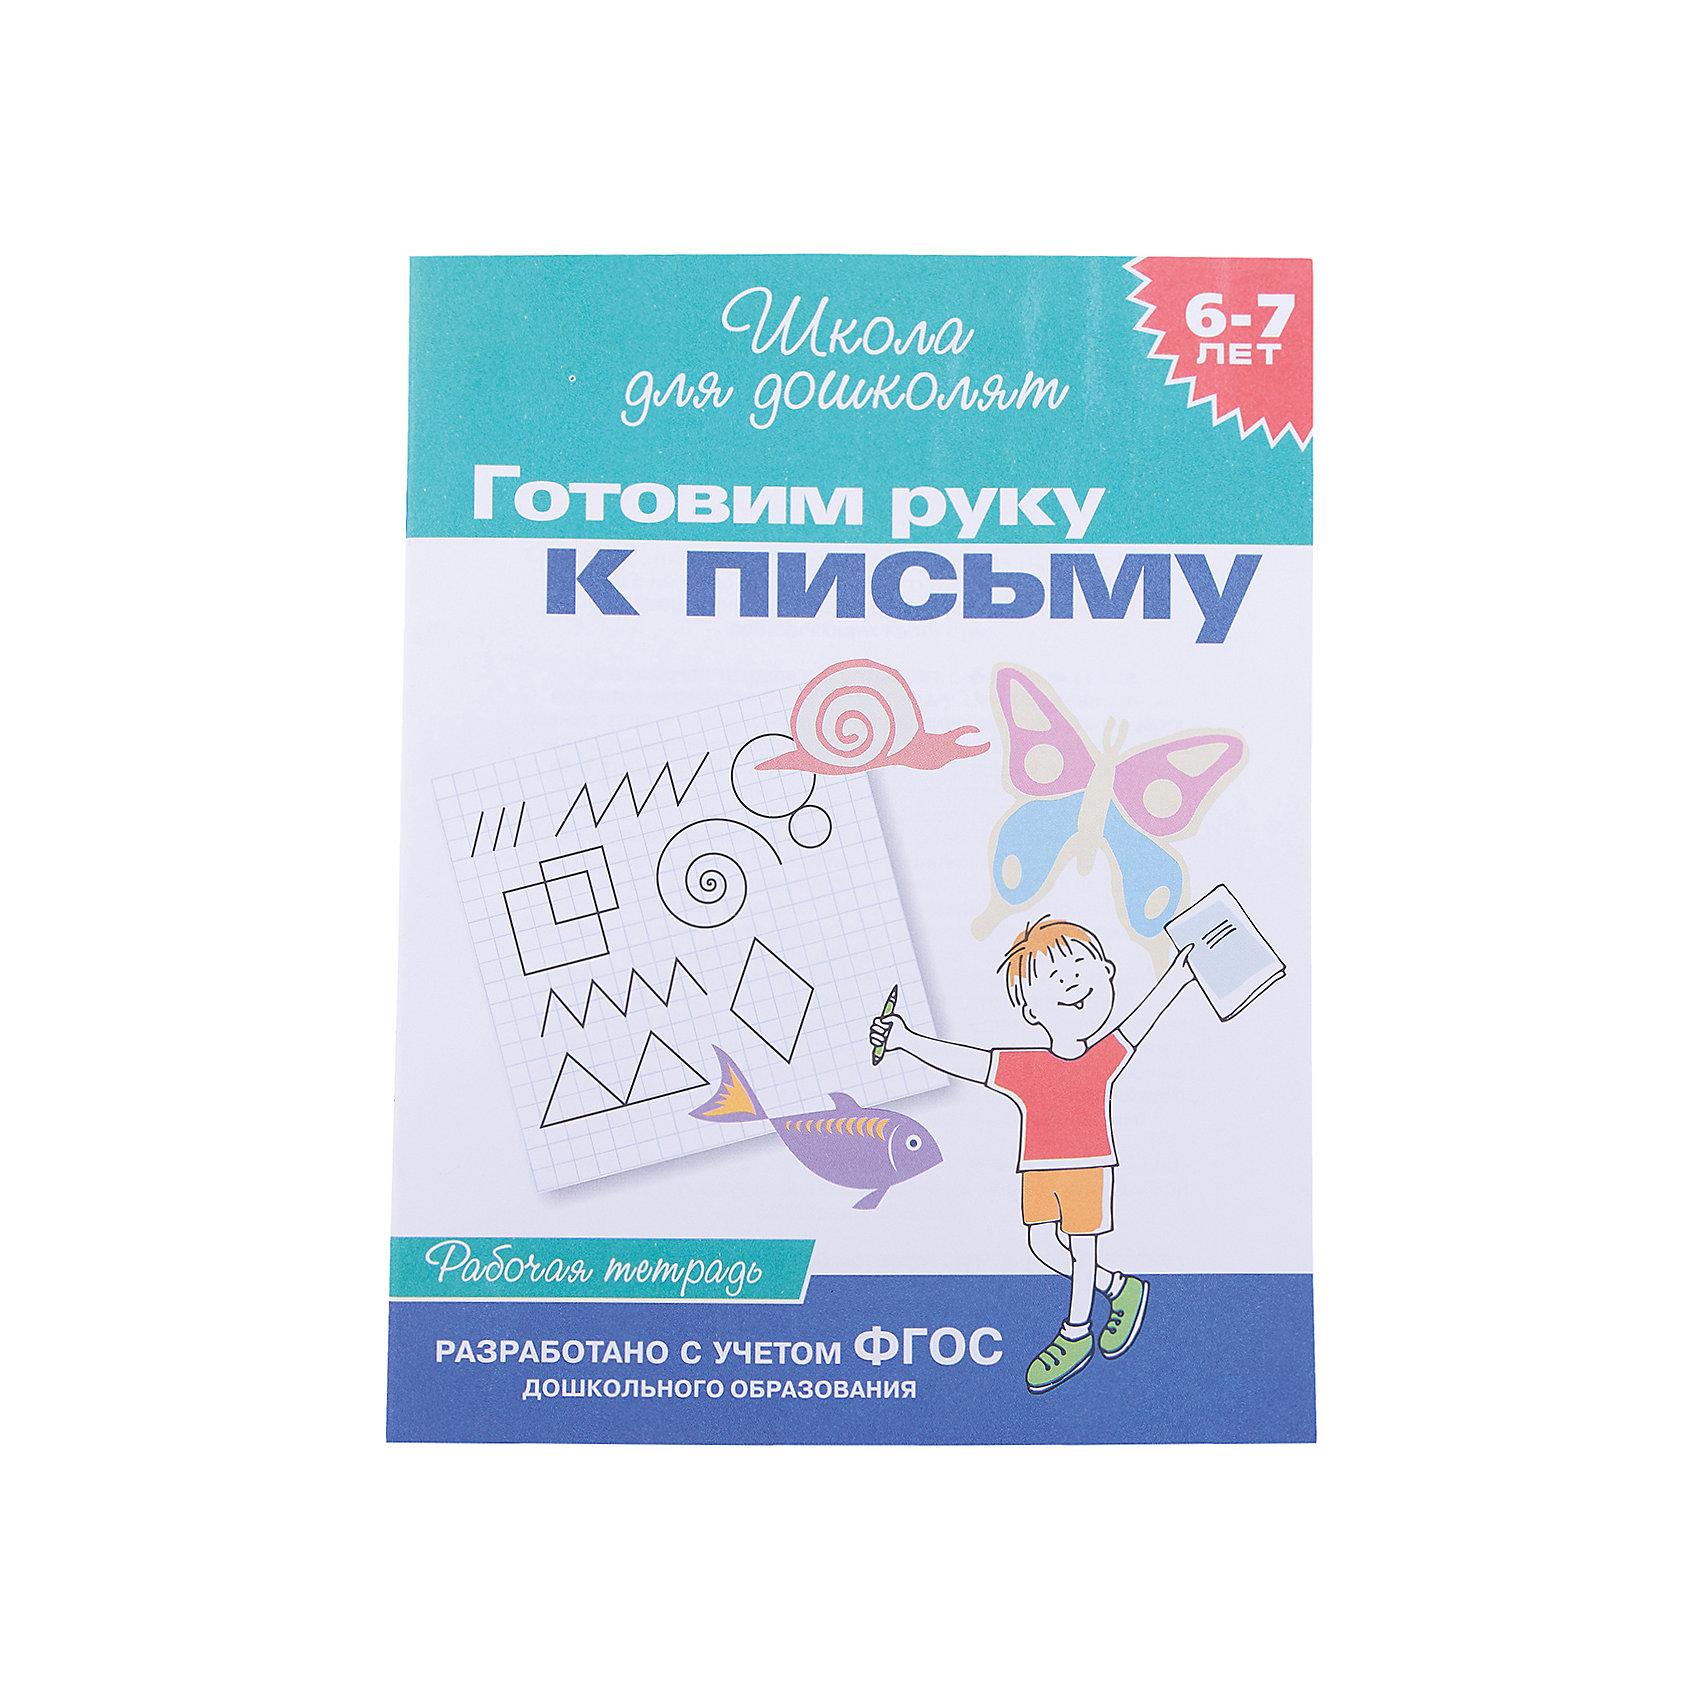 Рабочая тетрадь Готовим руку к письмуХарактеристики товара:<br><br>- цвет: разноцветный;<br>- материал: бумага;<br>- страниц: 24;<br>- формат: 26 х 20 см;<br>- обложка: мягкая;<br>- развивающее издание.<br><br>Это проработанное развивающее издание станет отличным подарком для родителей и ребенка. Оно содержит в себе задания и упражнения, которые помогут ребенку подготовиться к школе. Простые интересные задания помогут привить любовь к учебе!<br>Выполнение таких заданий помогает ребенку развивать мелкую моторику, зрительную память, концентрацию внимания и воображение. Издание произведено из качественных материалов, которые безопасны даже для самых маленьких.<br><br>Издание Рабочая тетрадь Готовим руку к письму от компании Росмэн можно купить в нашем интернет-магазине.<br><br>Ширина мм: 255<br>Глубина мм: 195<br>Высота мм: 2<br>Вес г: 55<br>Возраст от месяцев: 60<br>Возраст до месяцев: 84<br>Пол: Унисекс<br>Возраст: Детский<br>SKU: 5110196